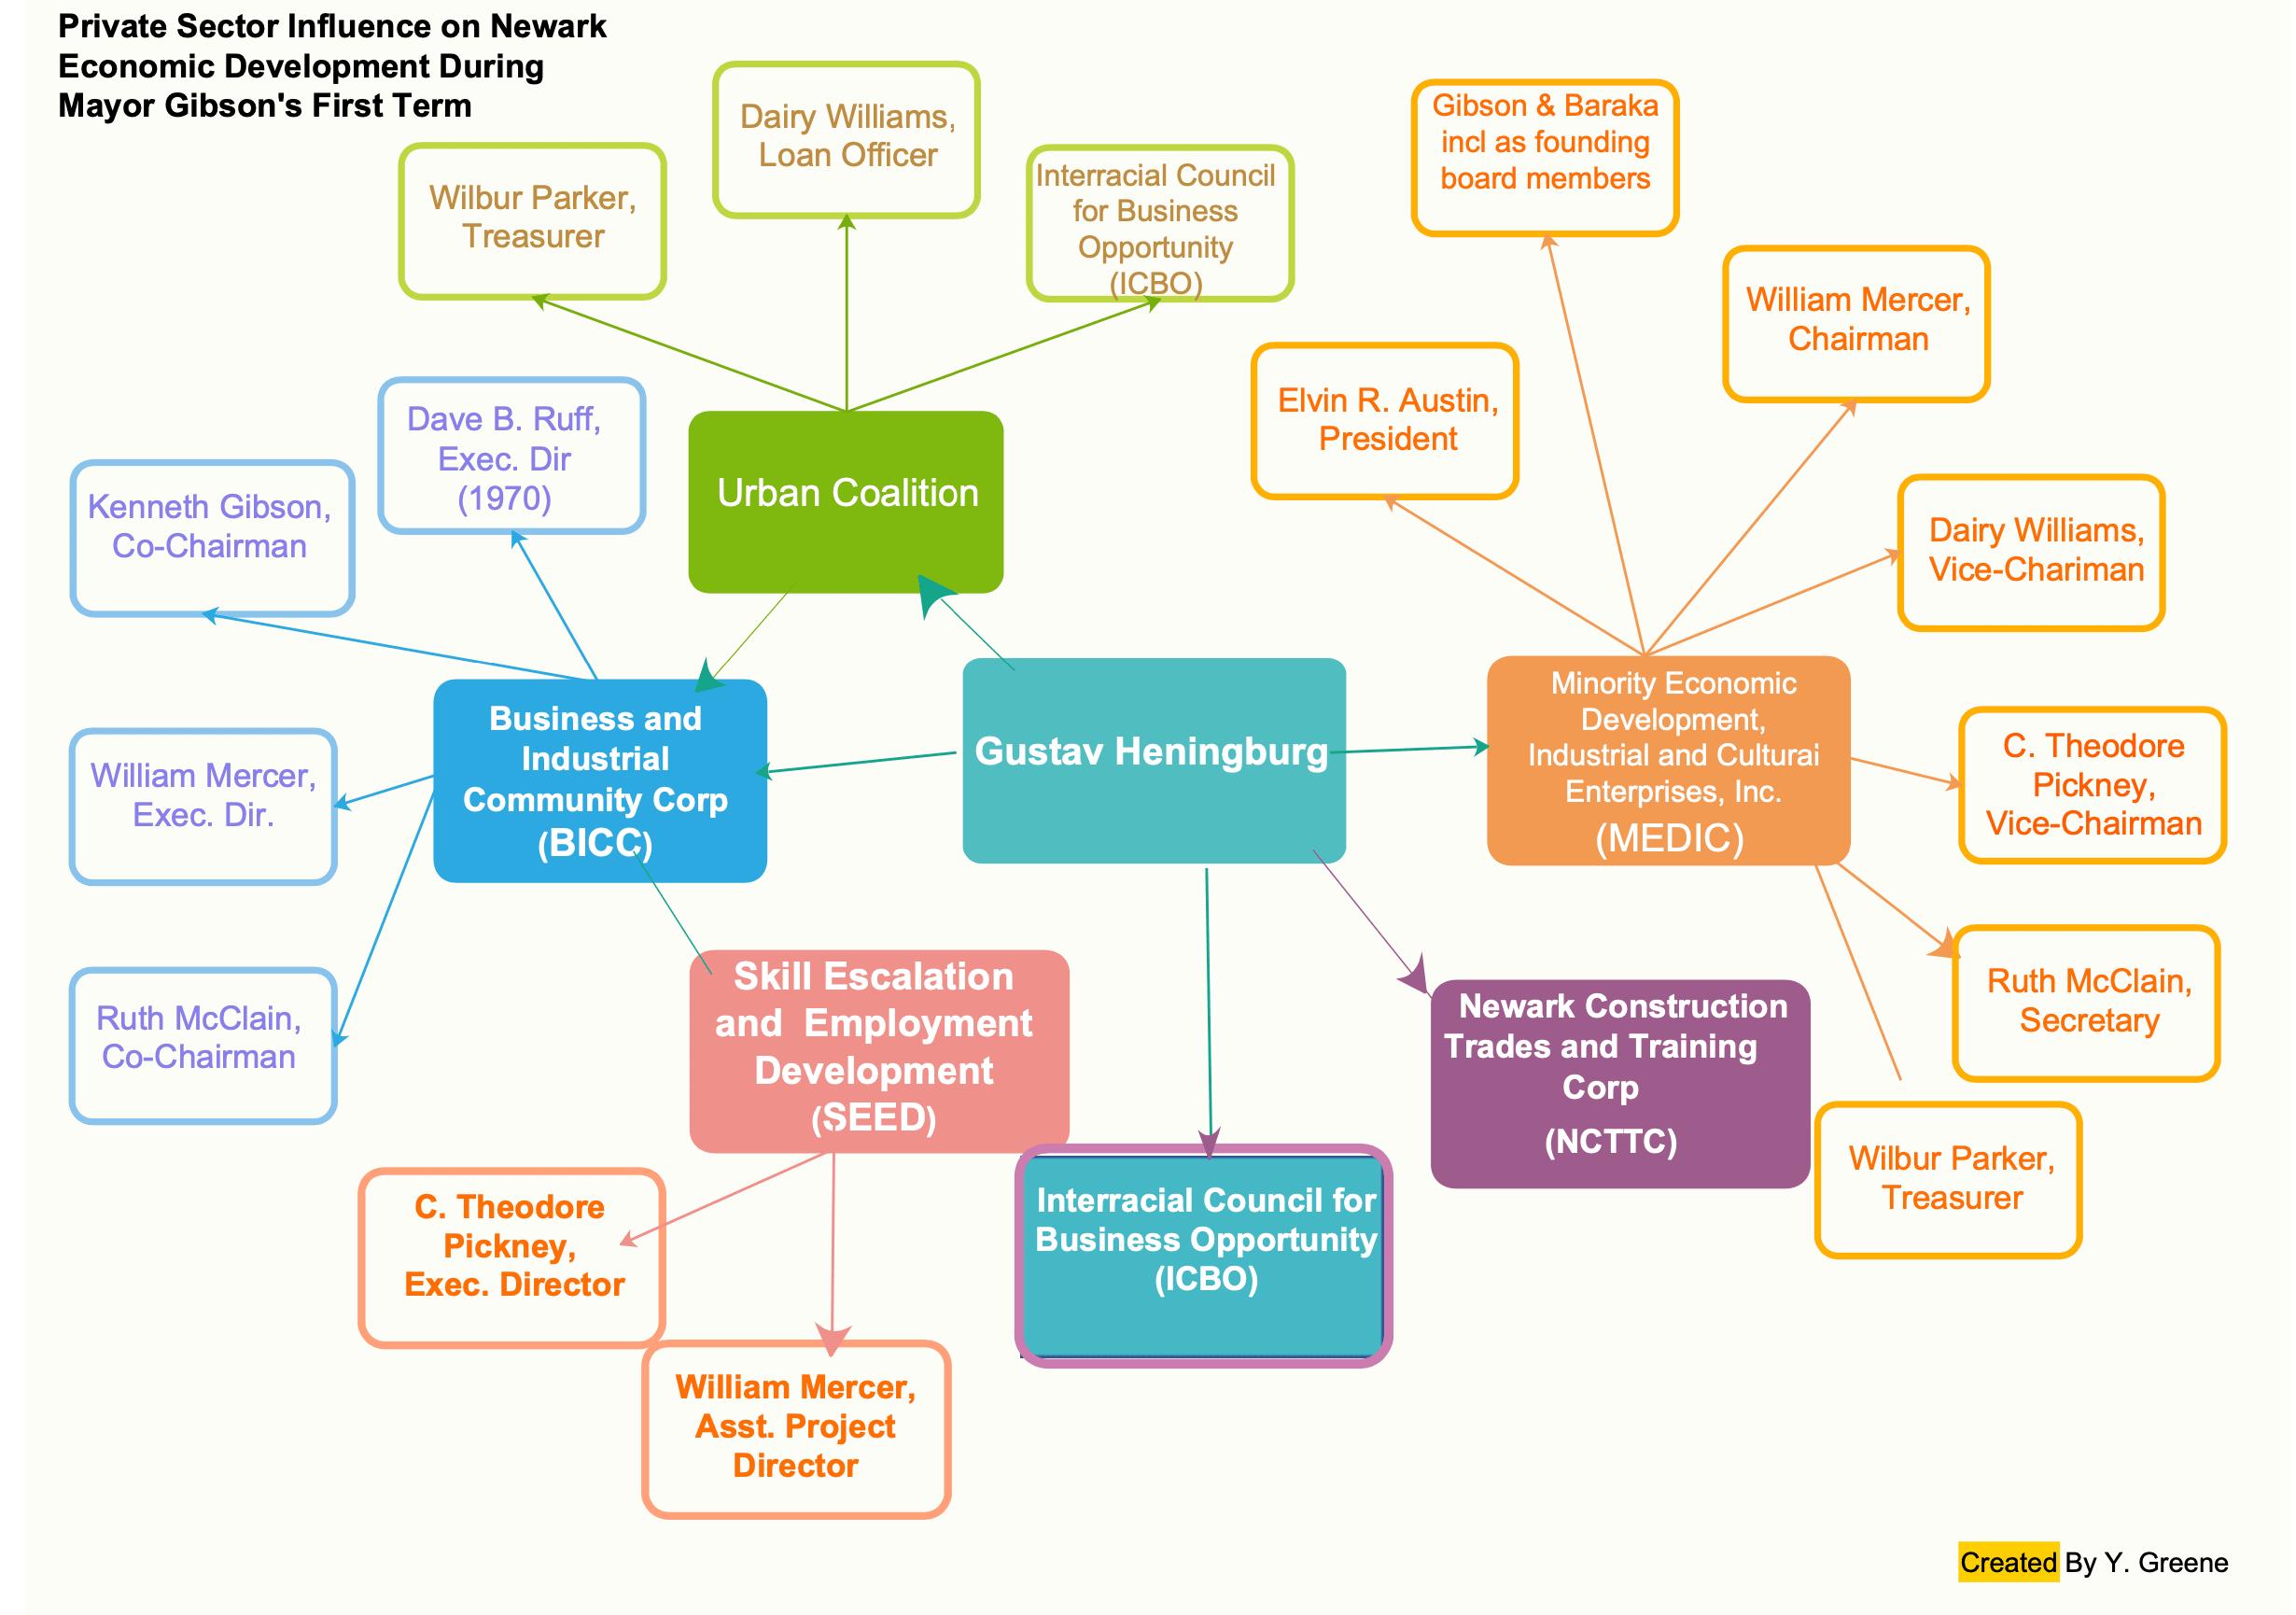 Power Map of Economic Development